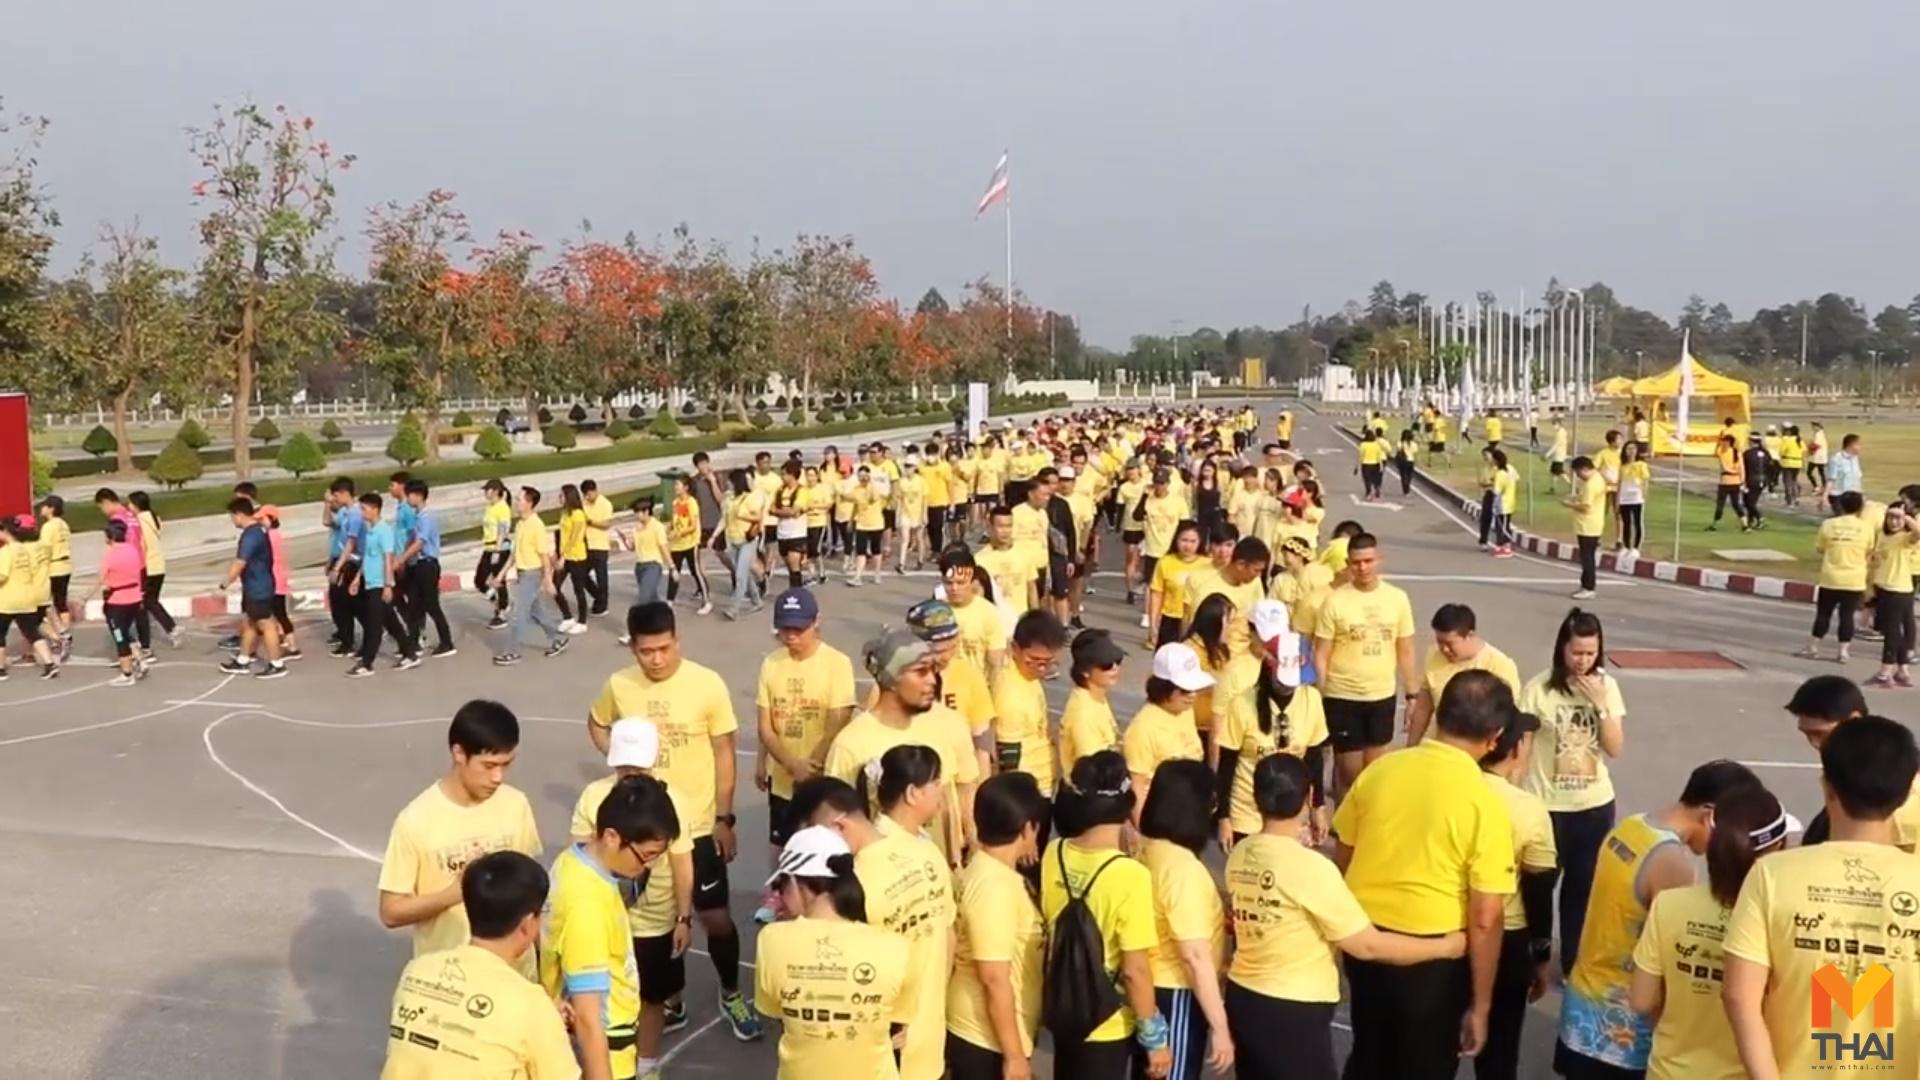 ข่าวภูมิภาค วิ่งการกุศล วิ่งระดมทุน สภากาชาดไทย เครื่องกระตุกหัวใจไฟฟ้า